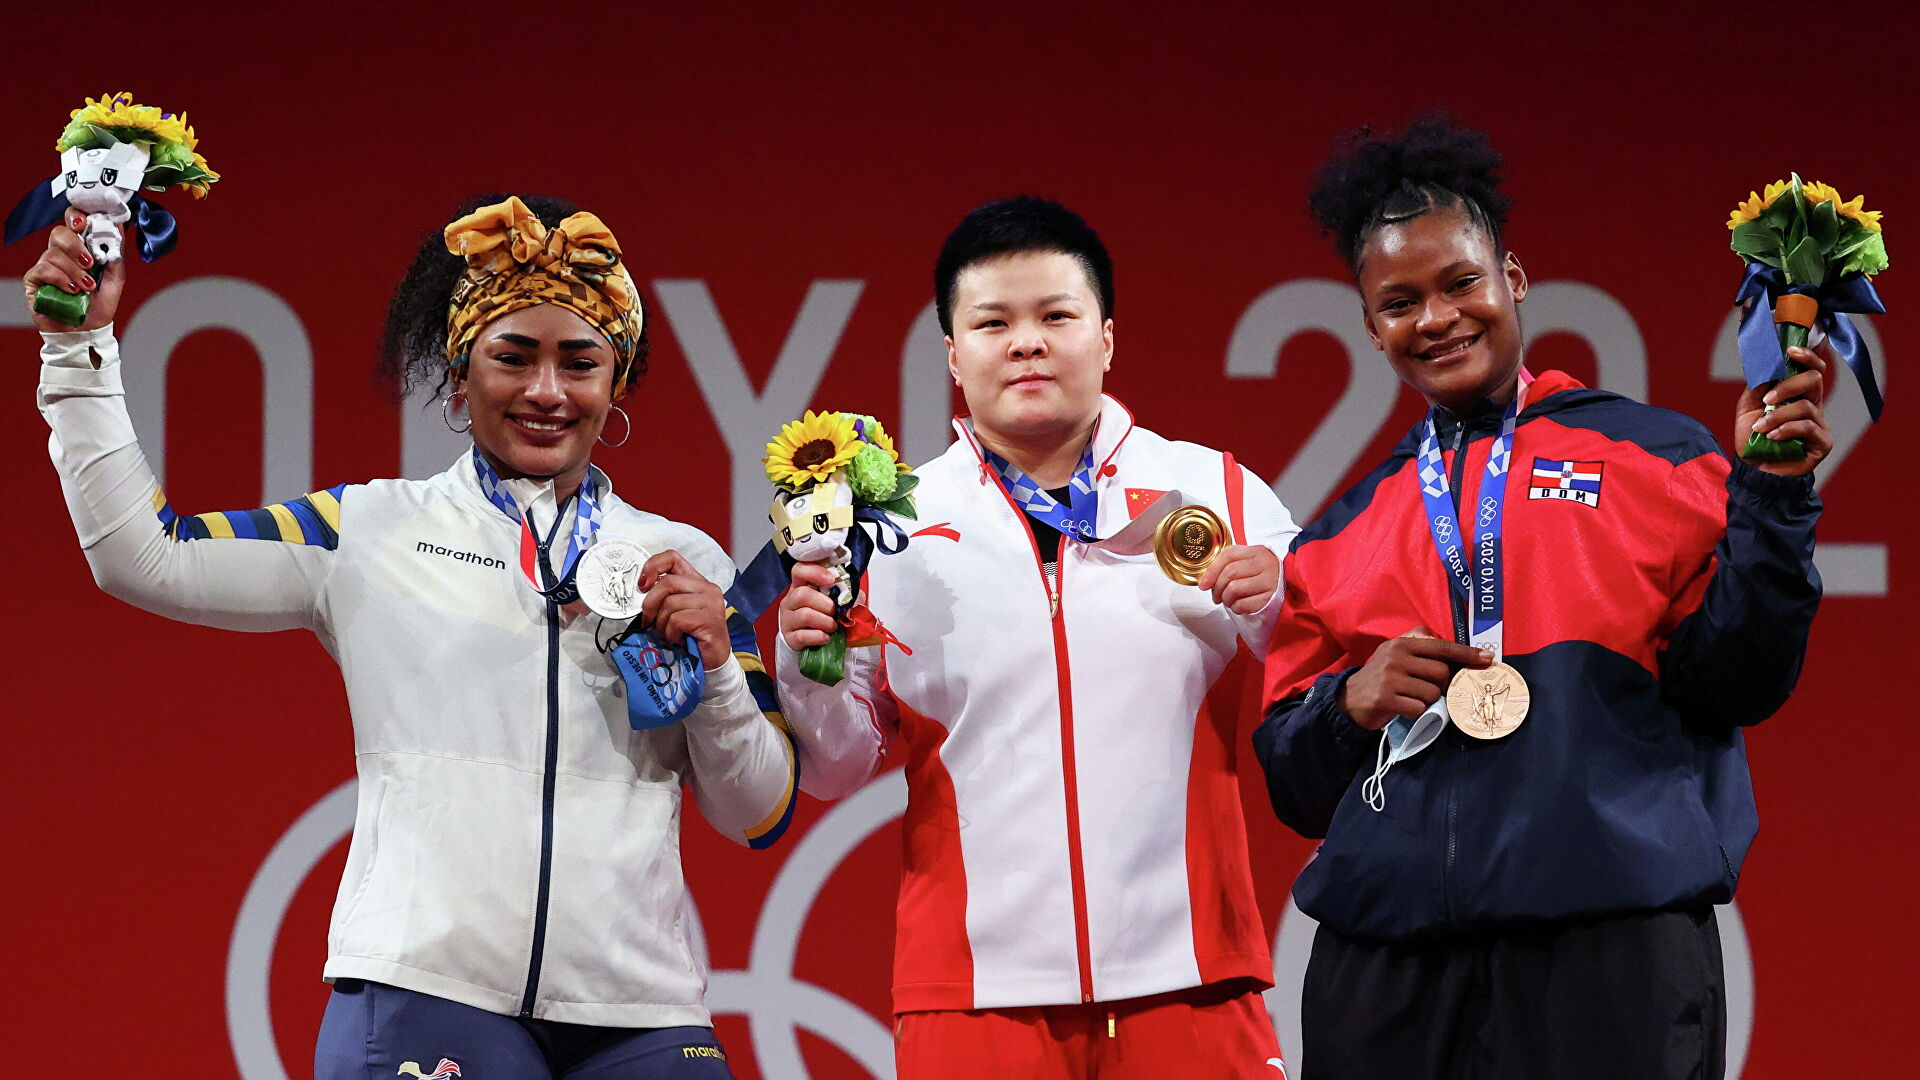 Ecuador gana plata y la República Dominicana bronce olímpicos en halterofilia femenina 87 kg